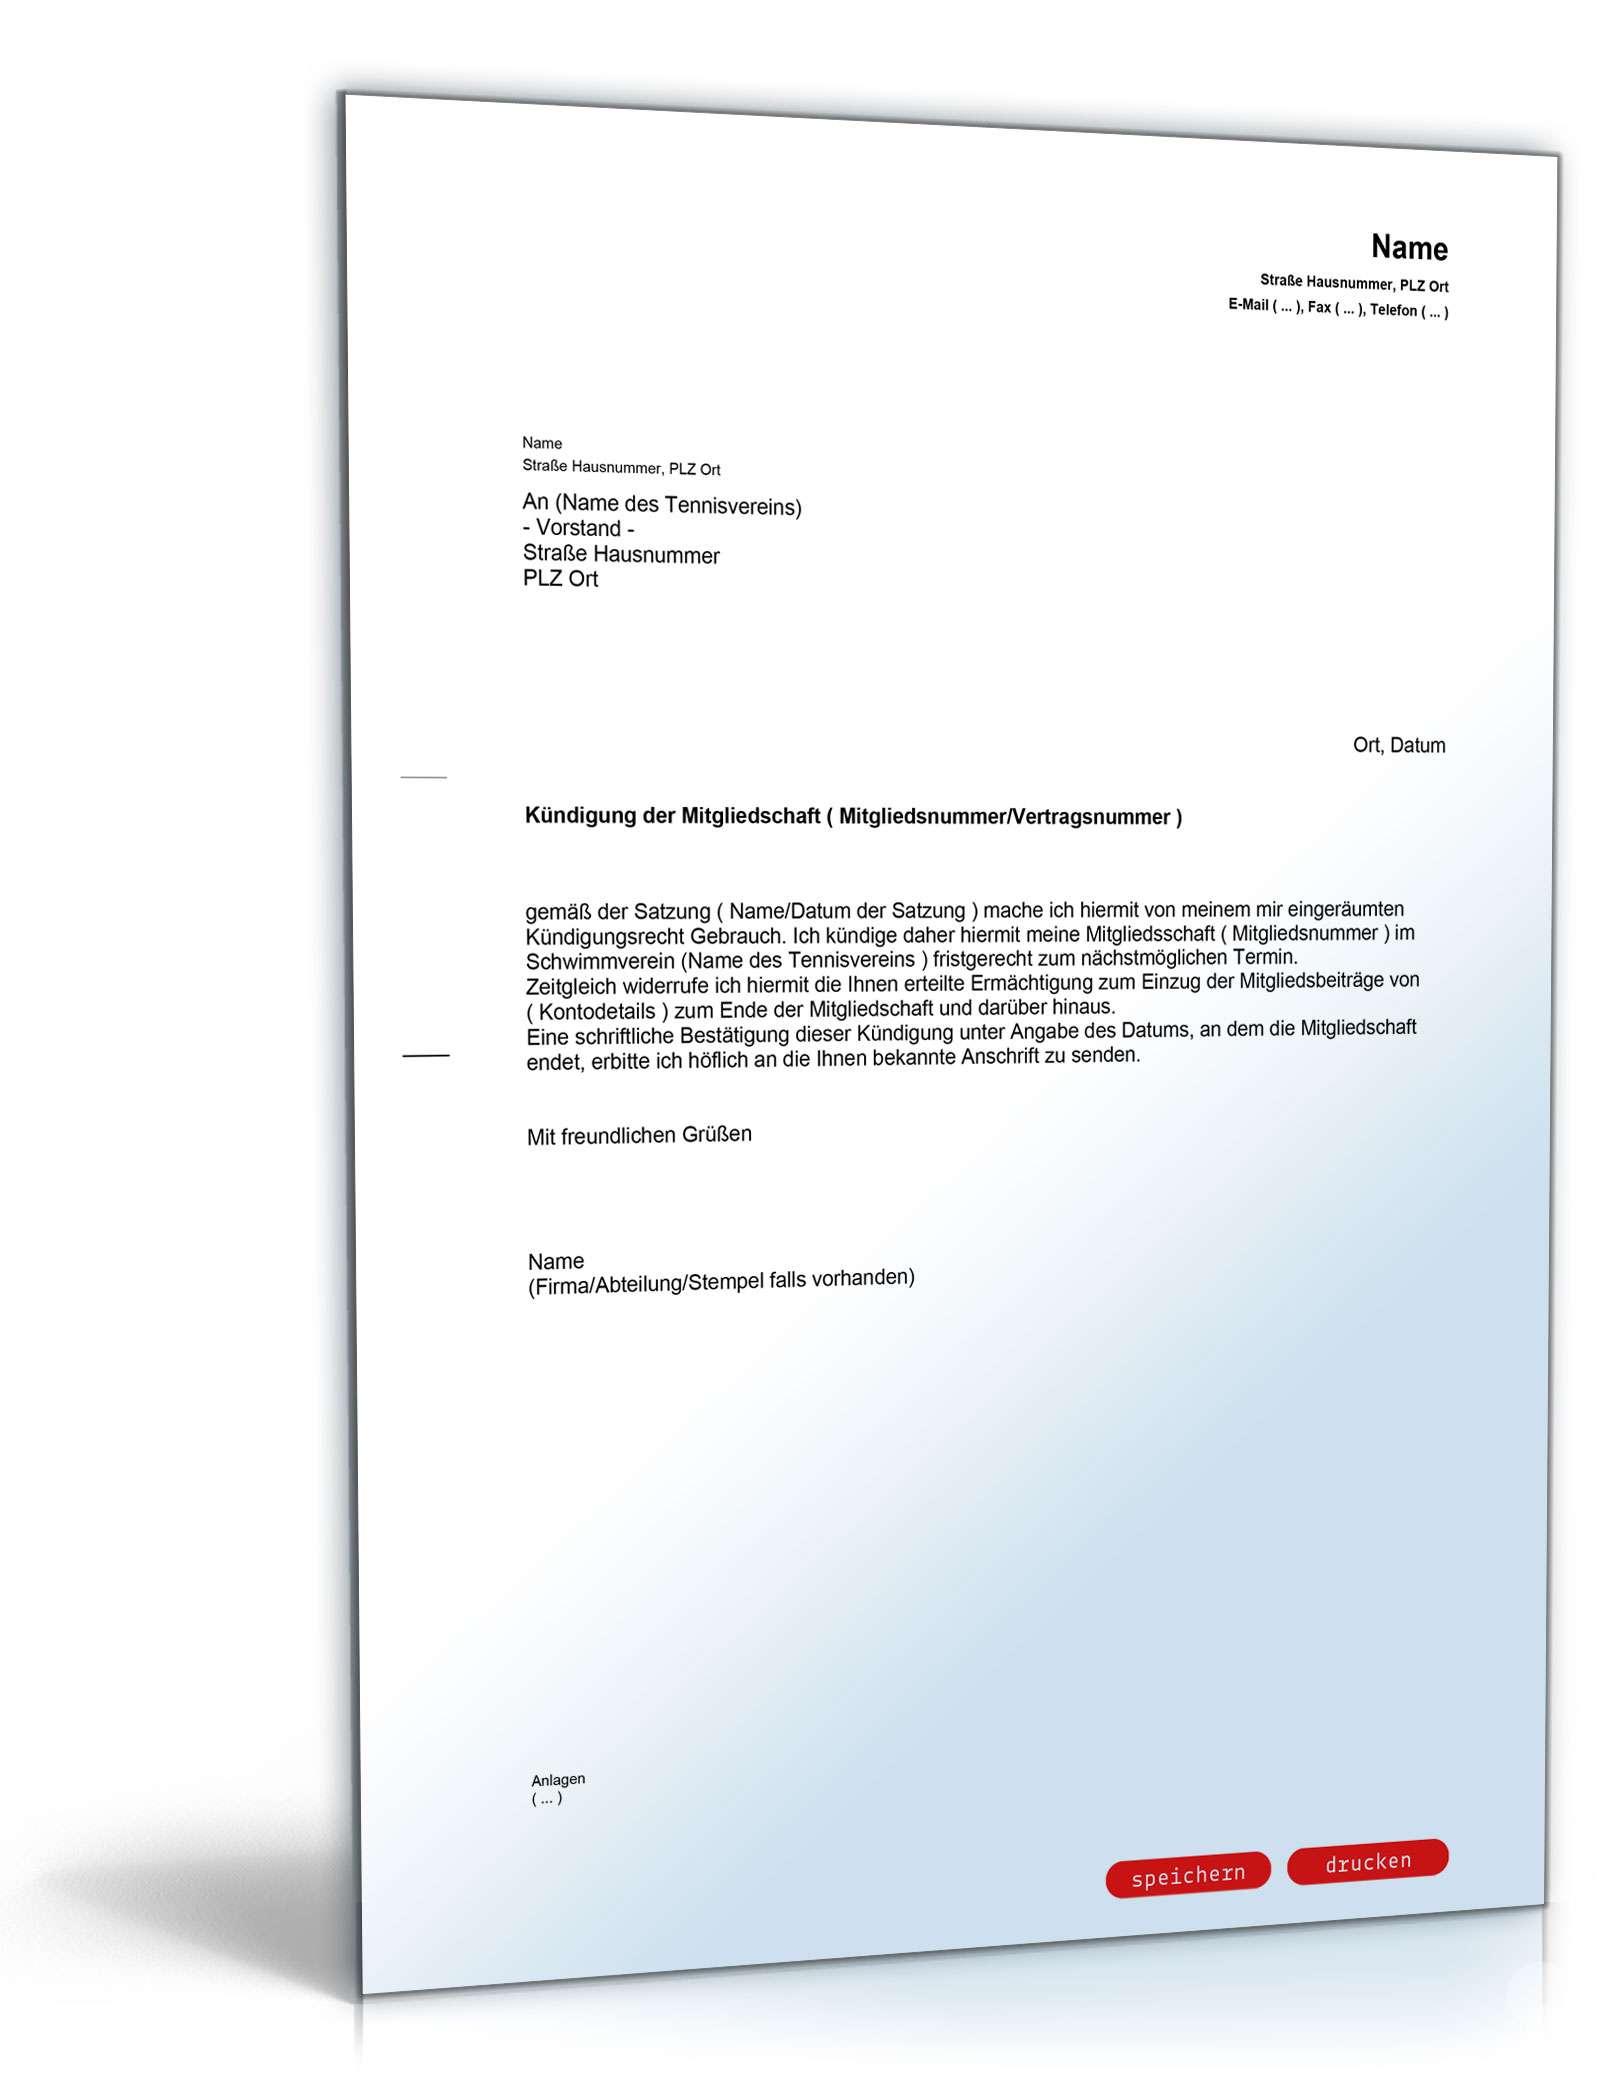 Kündigung Mitgliedschaft Tennisverein Muster Zum Download